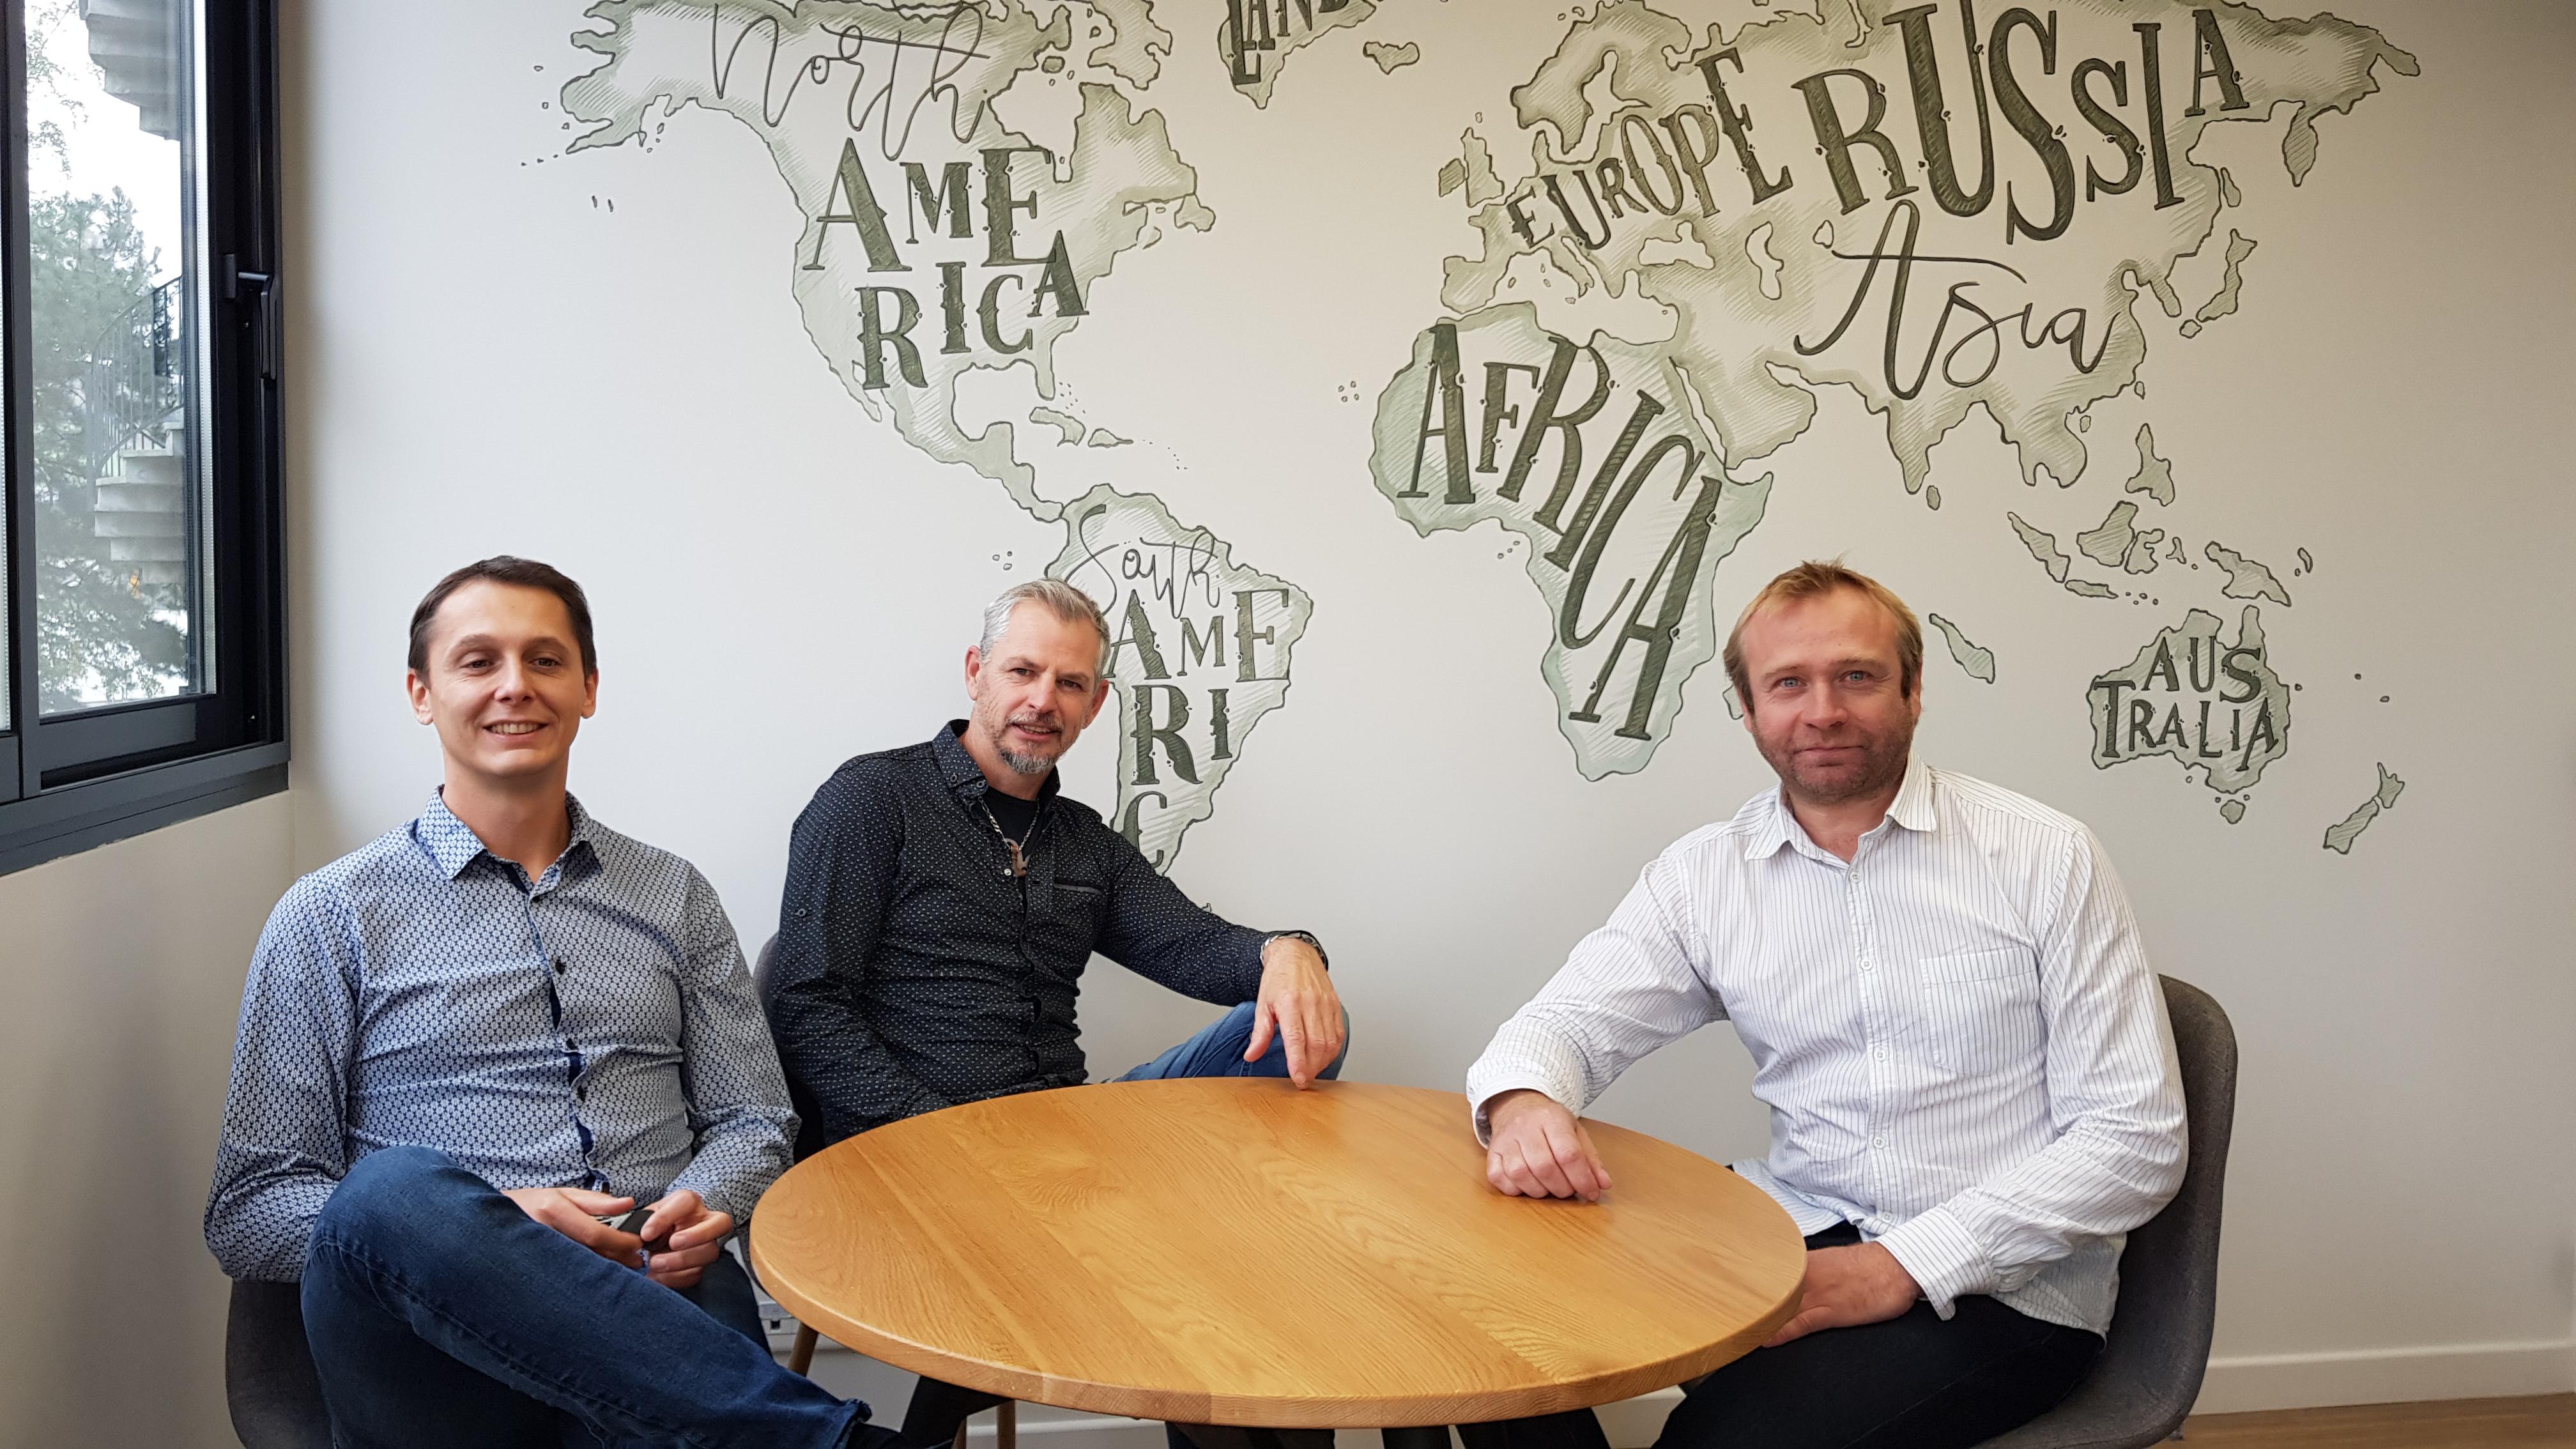 Les 3 fondateurs de Supernova Juniors, Messieurs Julien CARRET, Yannik L'HOMME et Christian BRUN